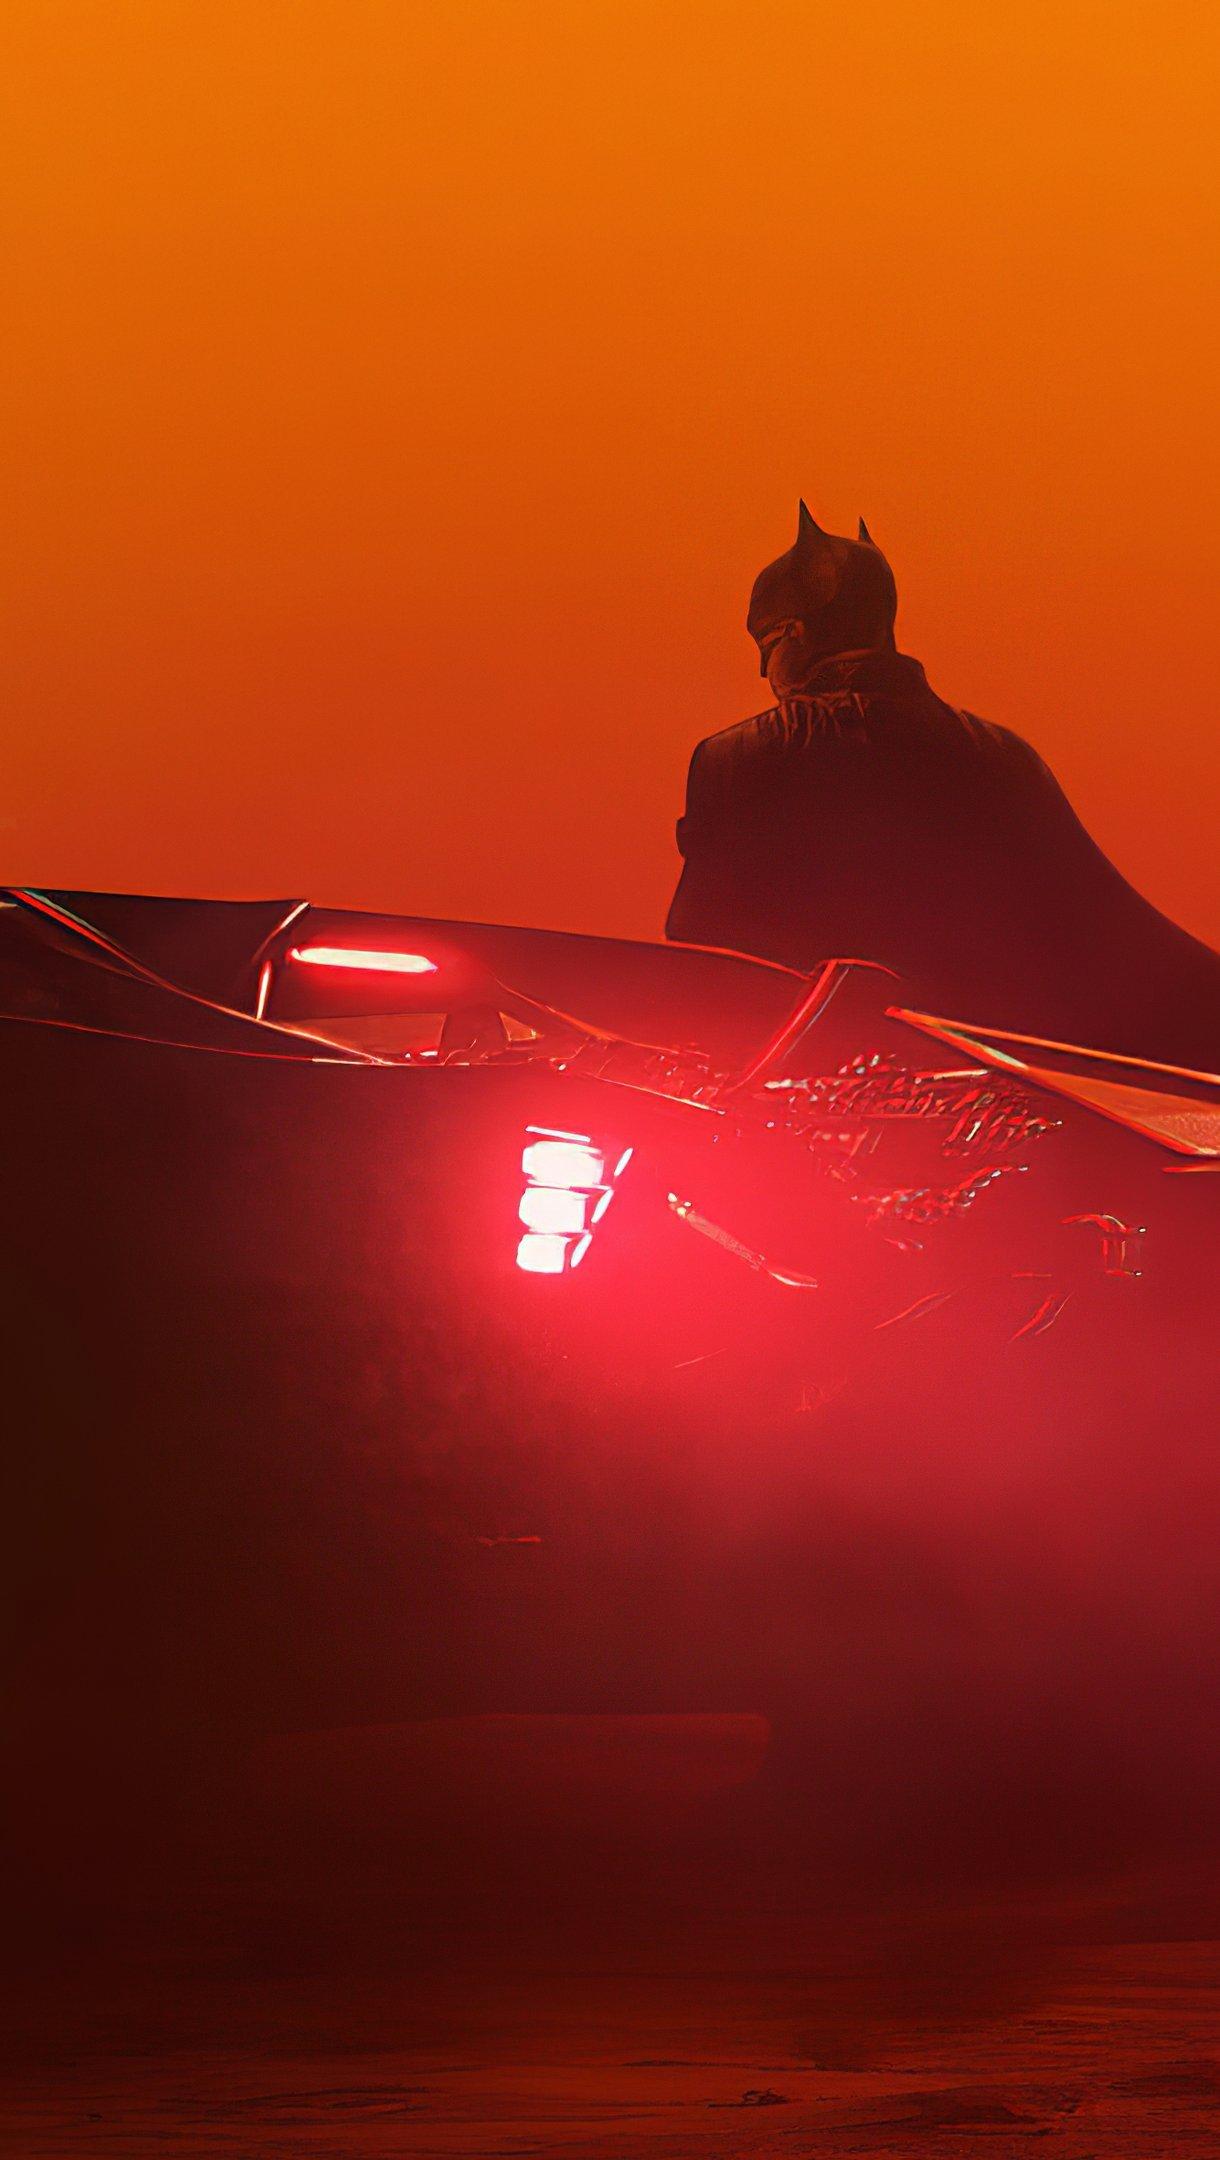 Fondos de pantalla Batman estilo Blade Runner Vertical